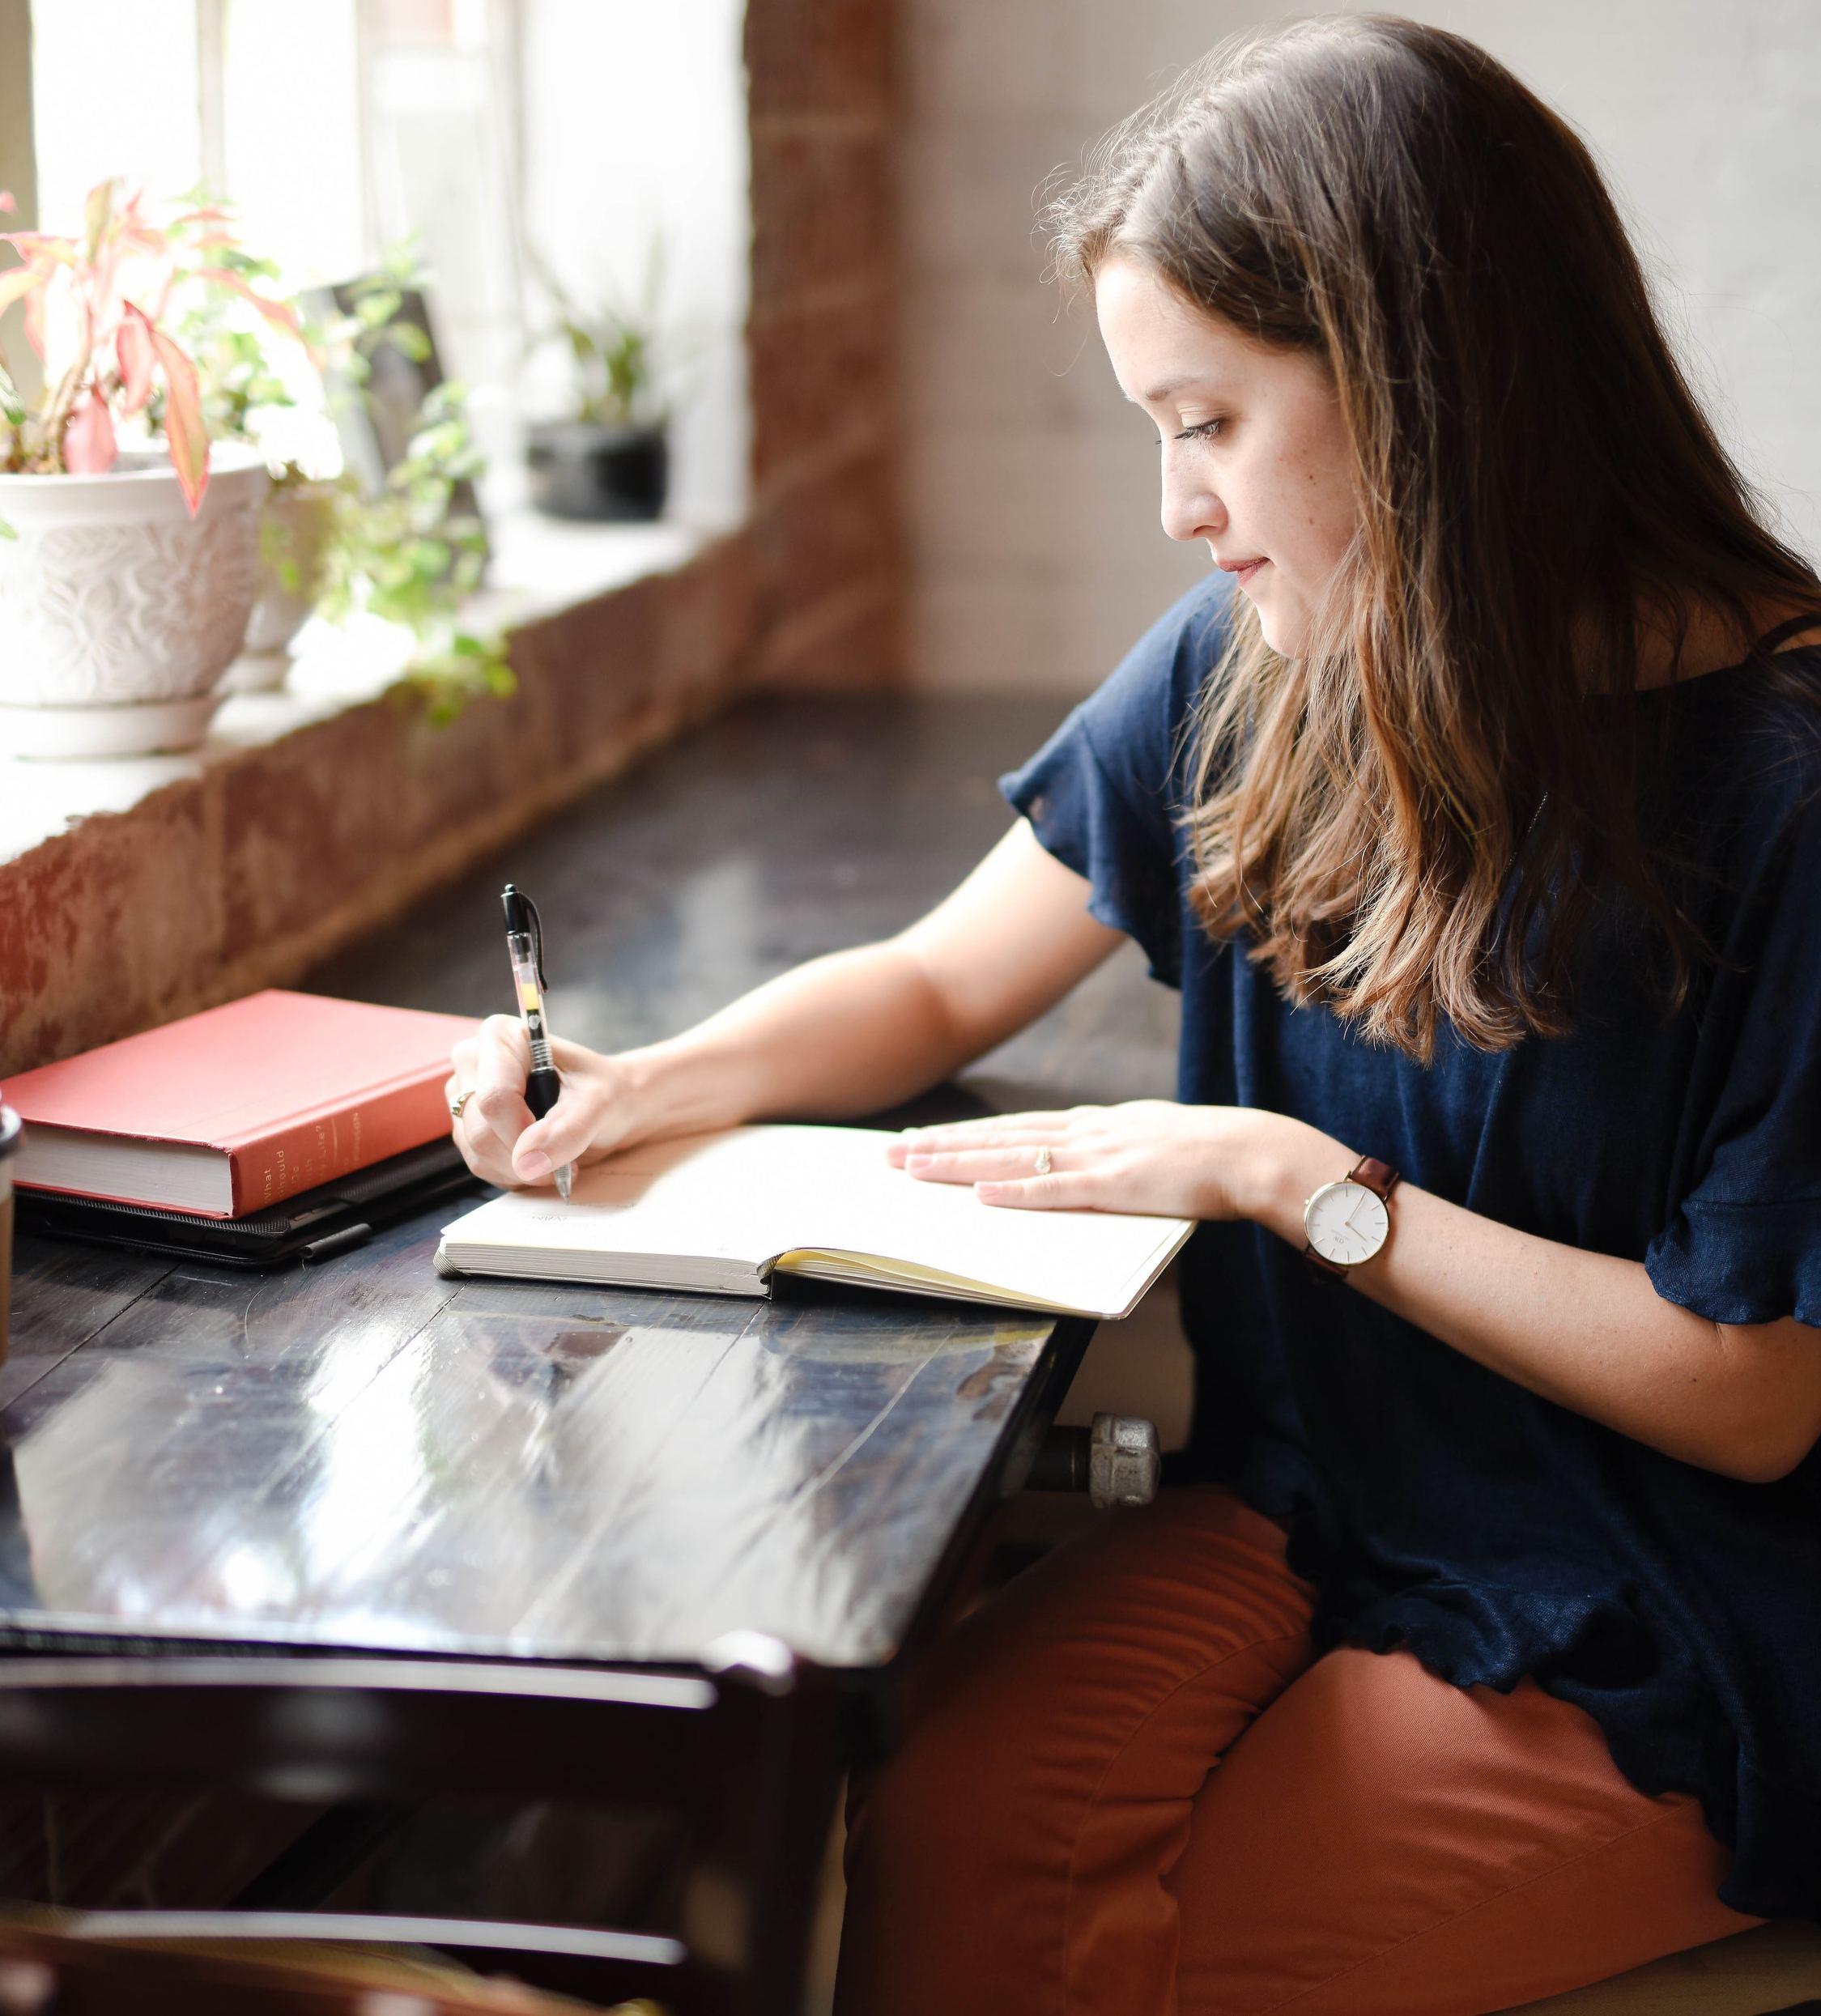 freelance writer working